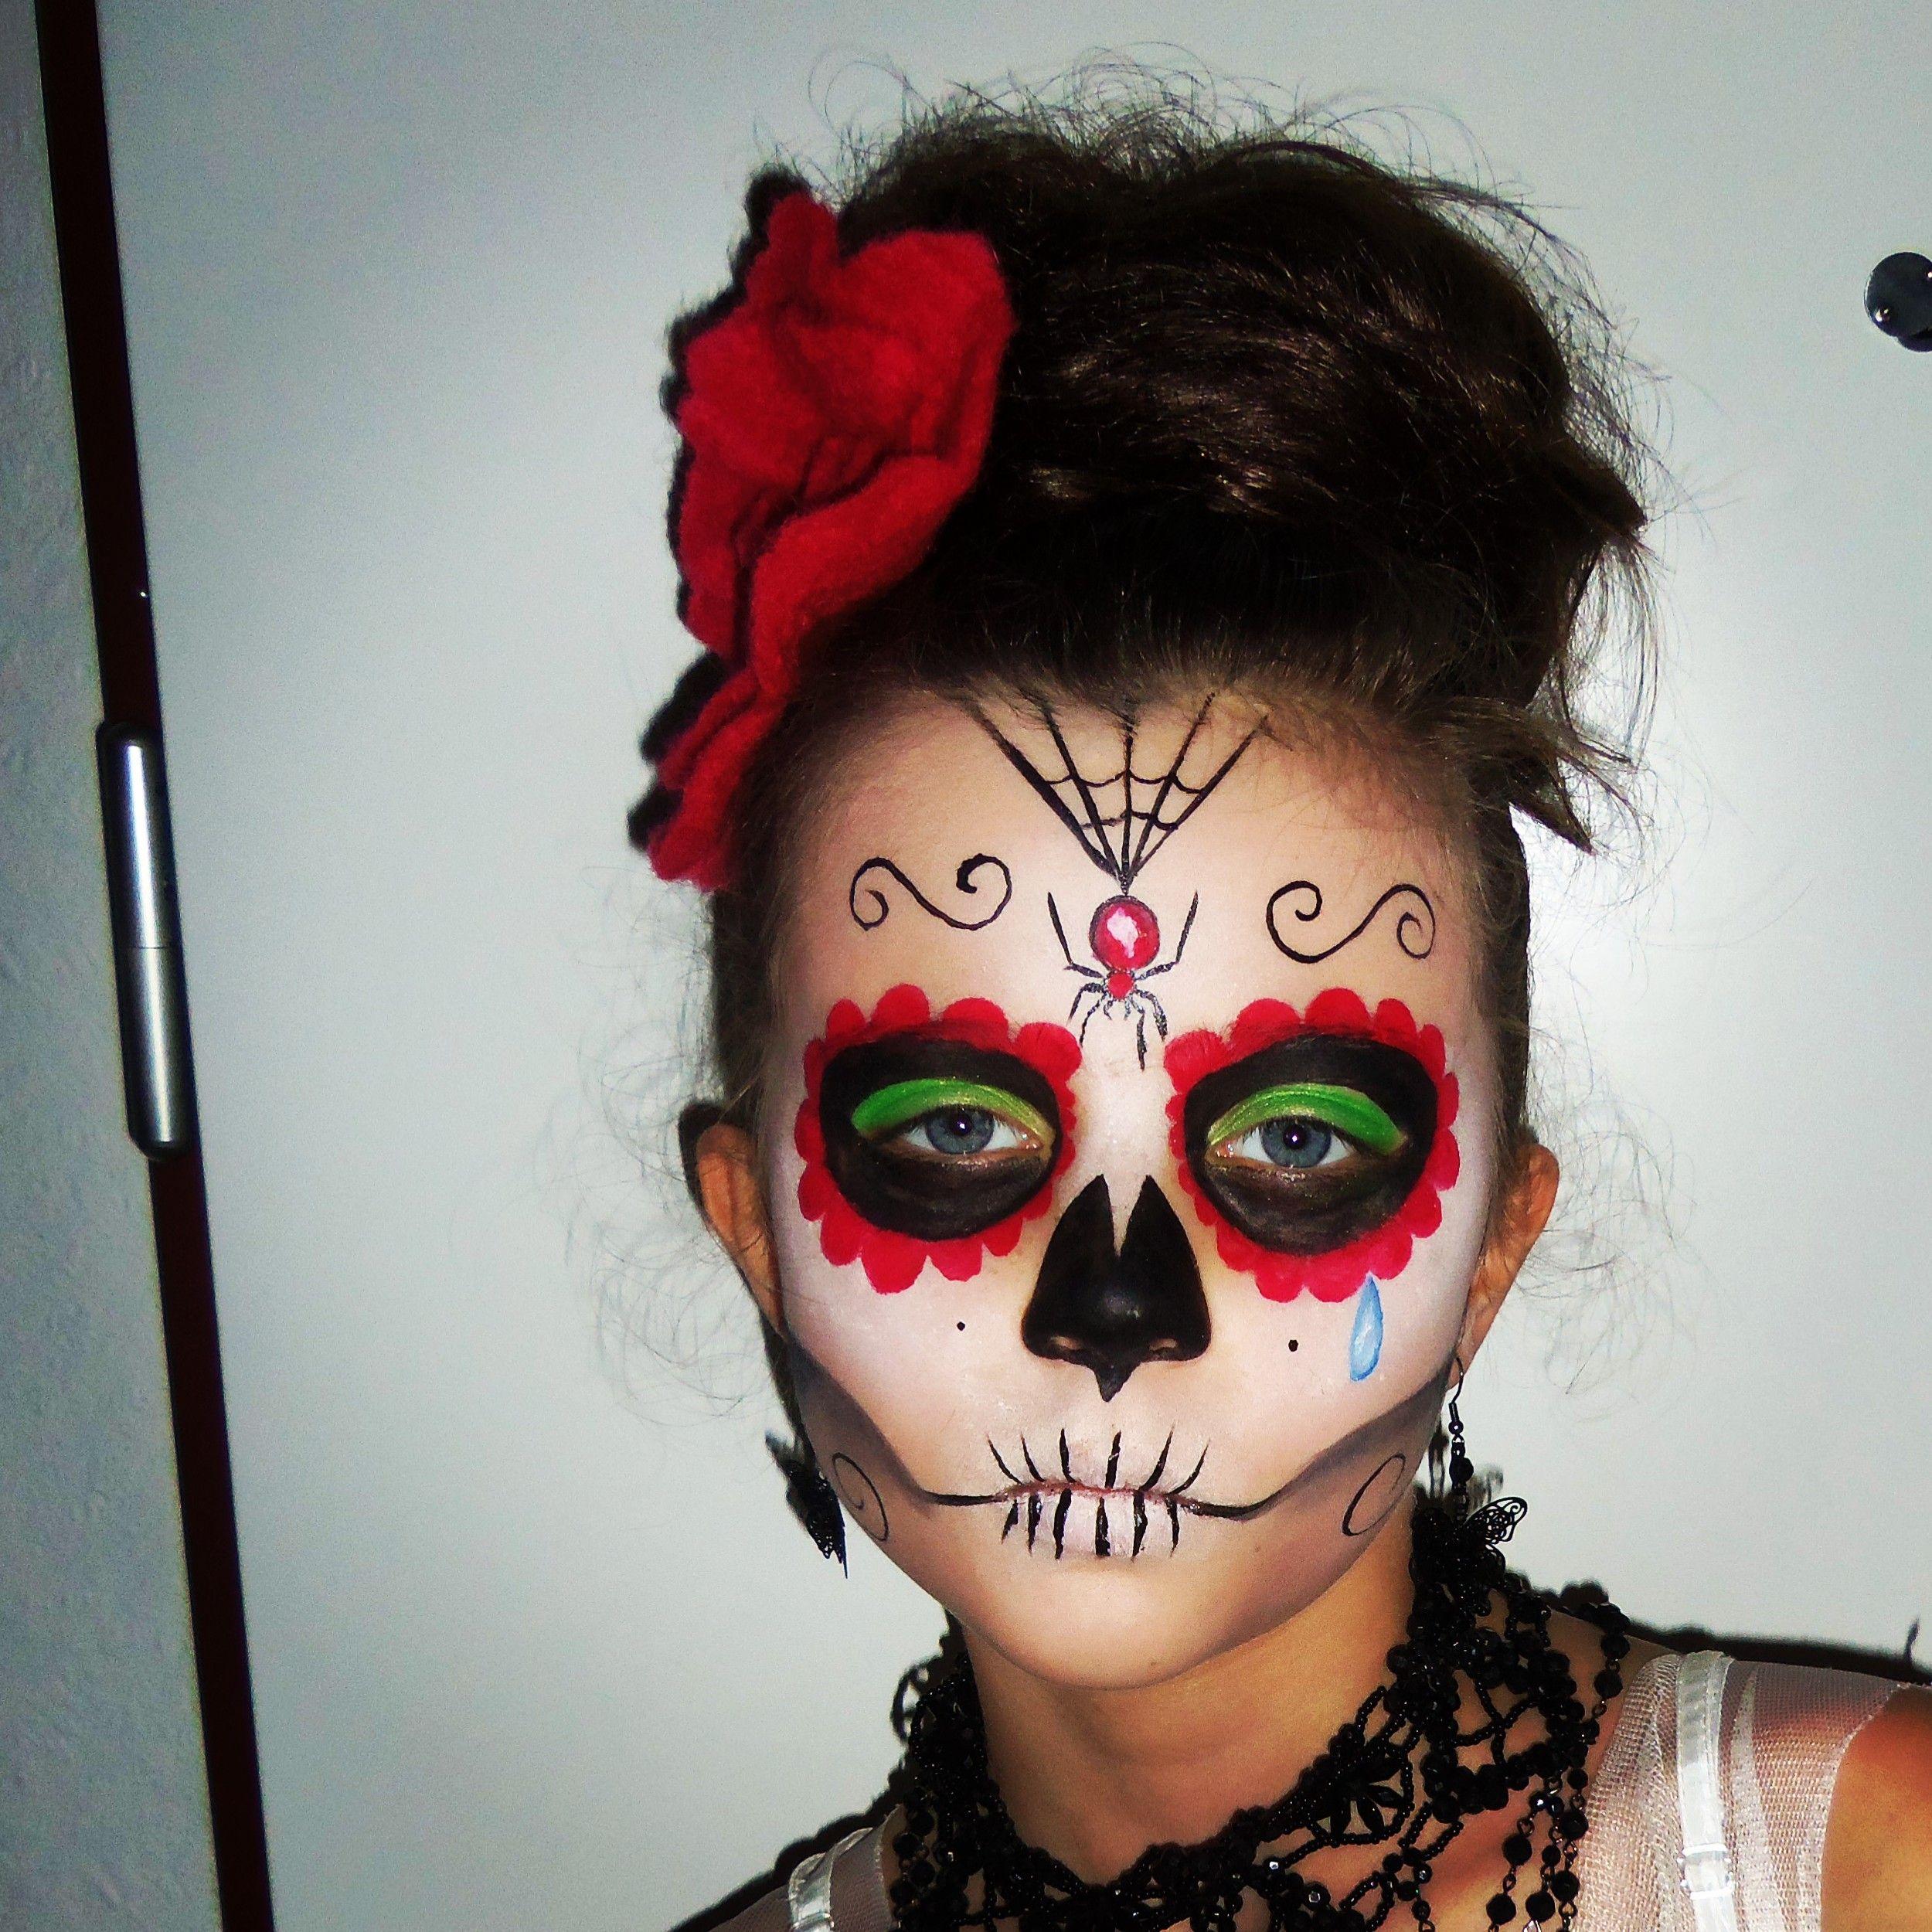 HALLOWEEN 2013 Ma fifille voulait avoir un maquillage